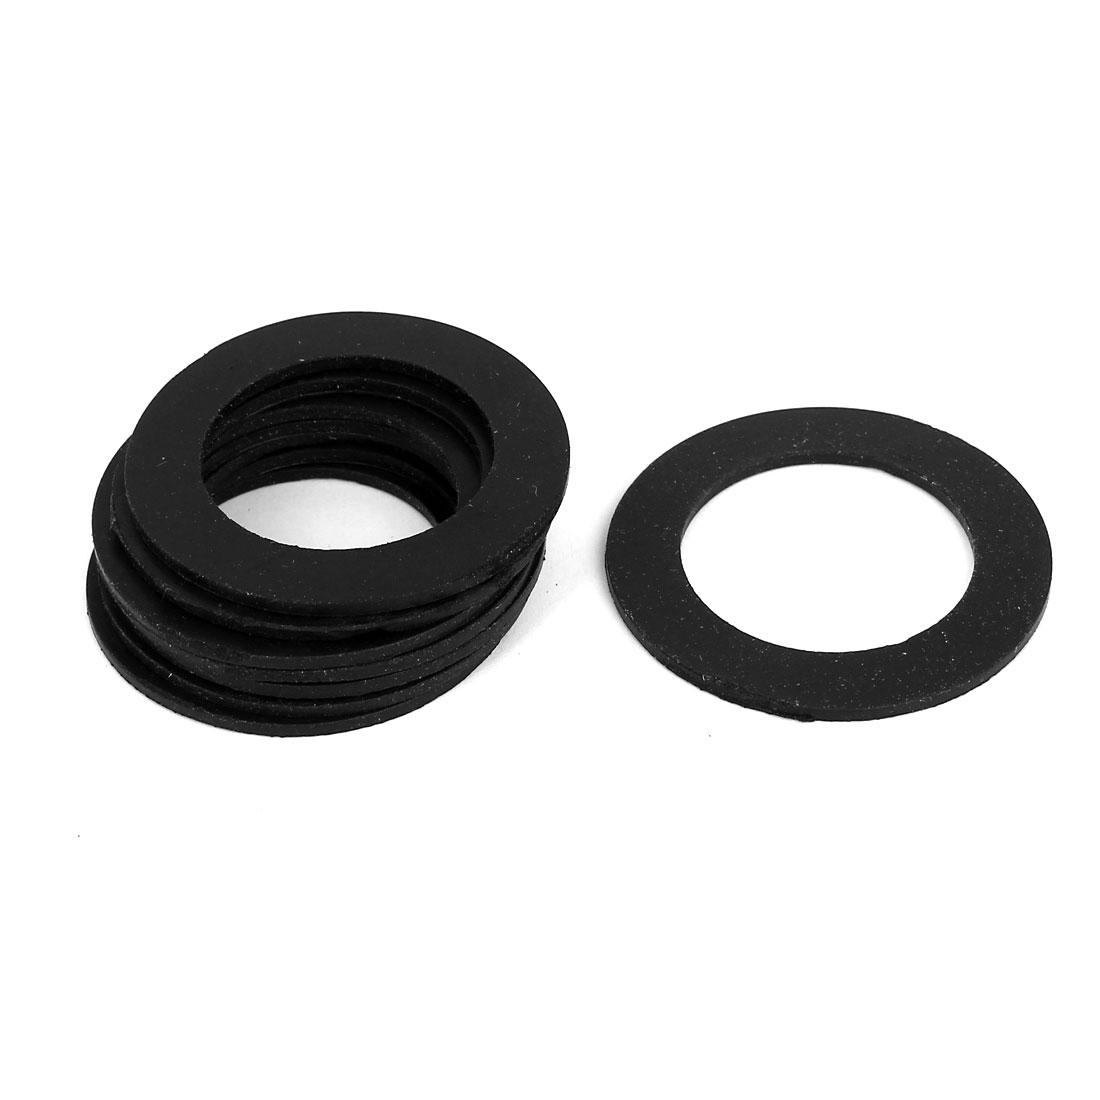 Rubber Gasket Sealing Seal O Ring 49x33x8mm 8Pcs Black for Water Meter